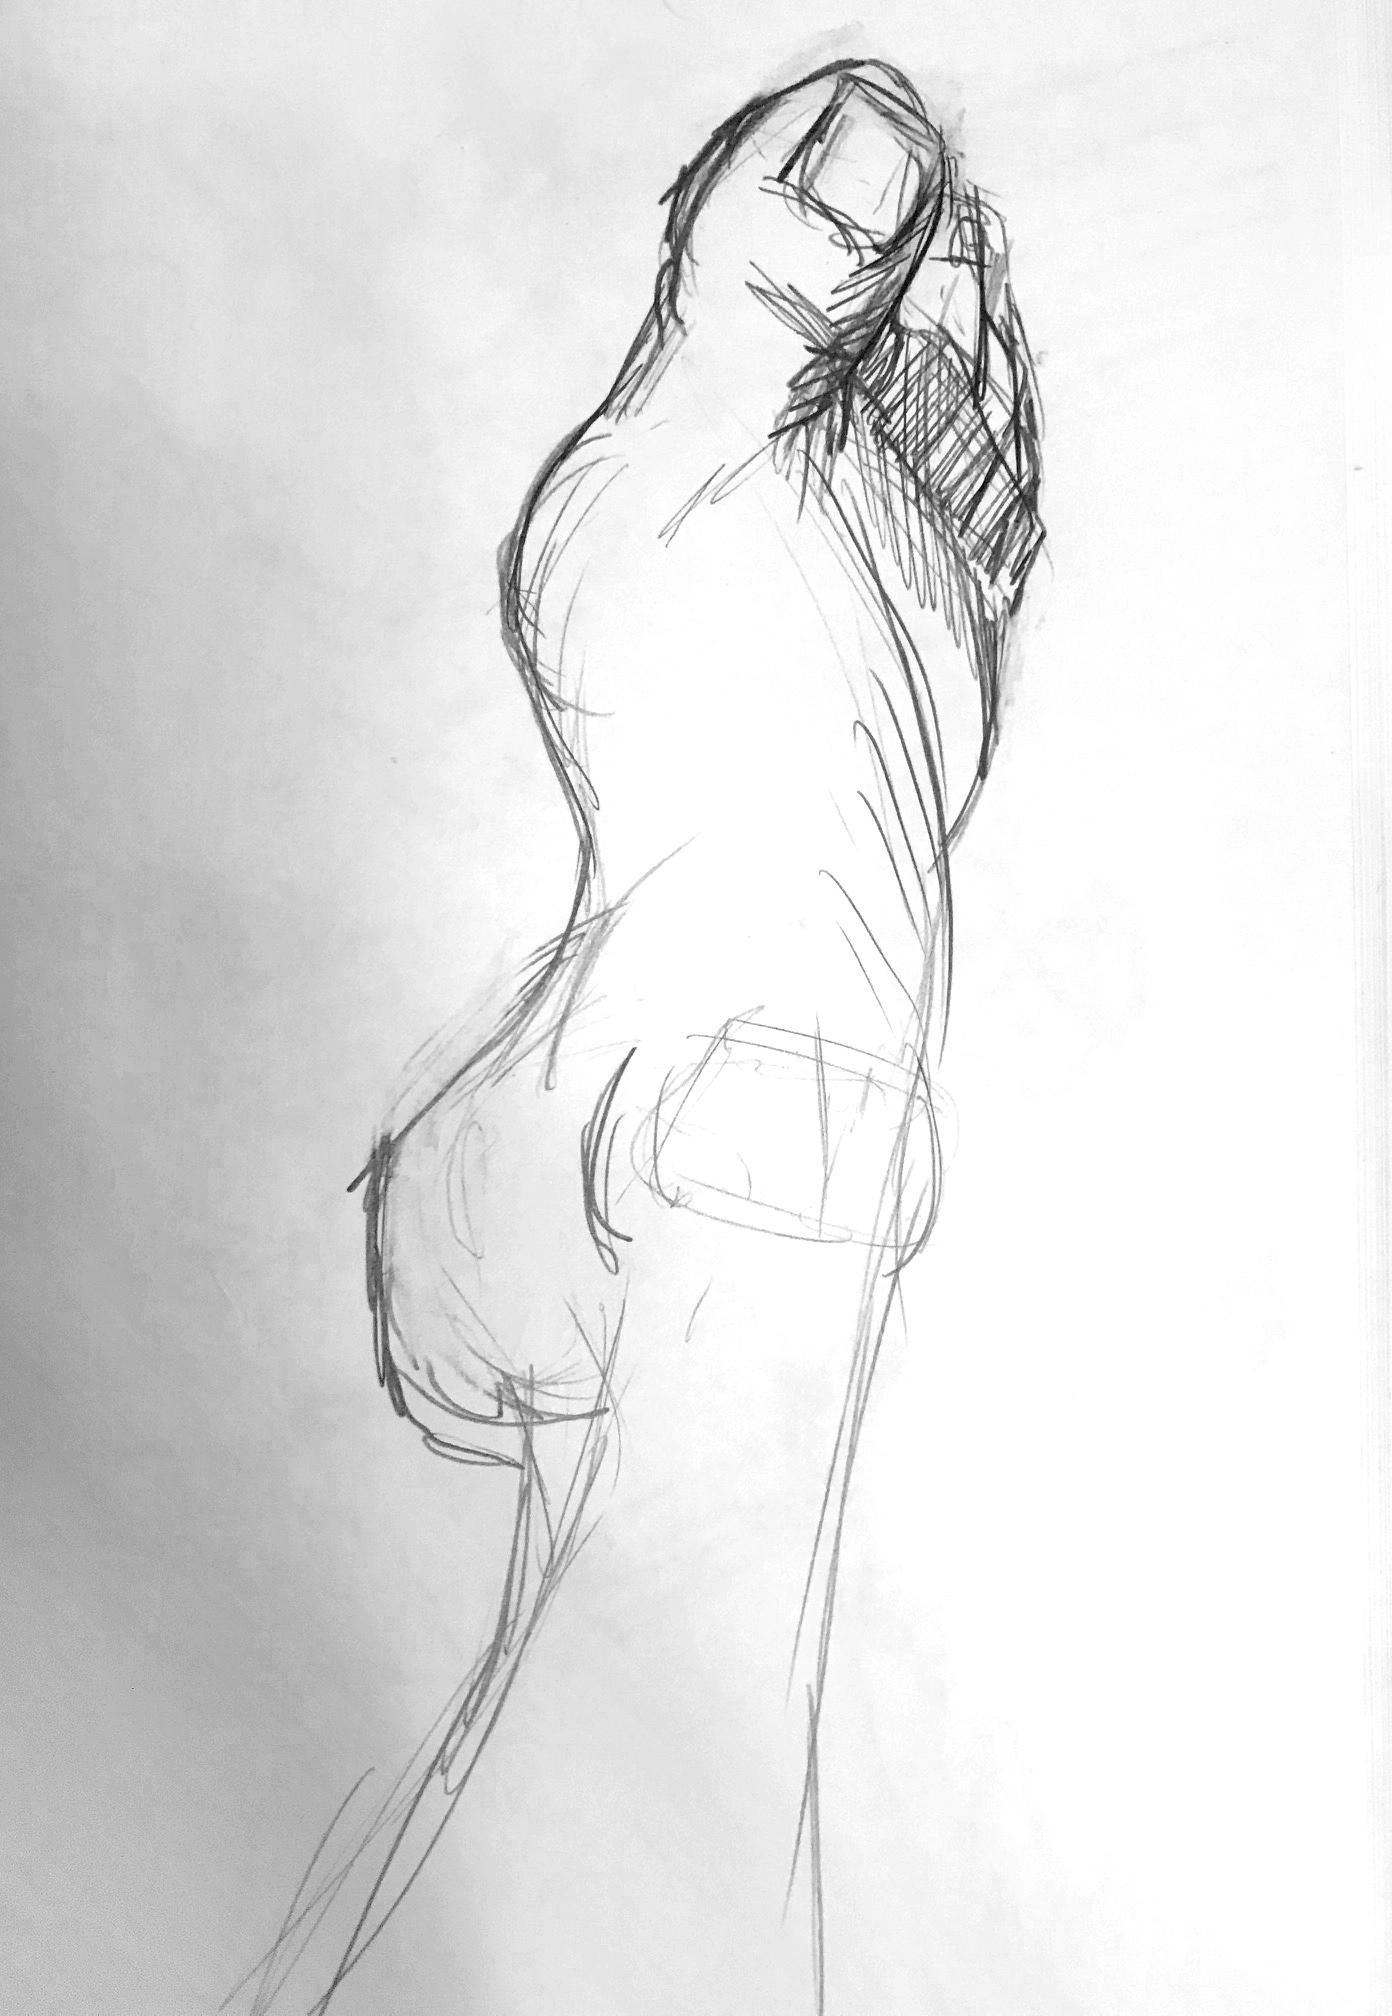 foot_sketch.jpg